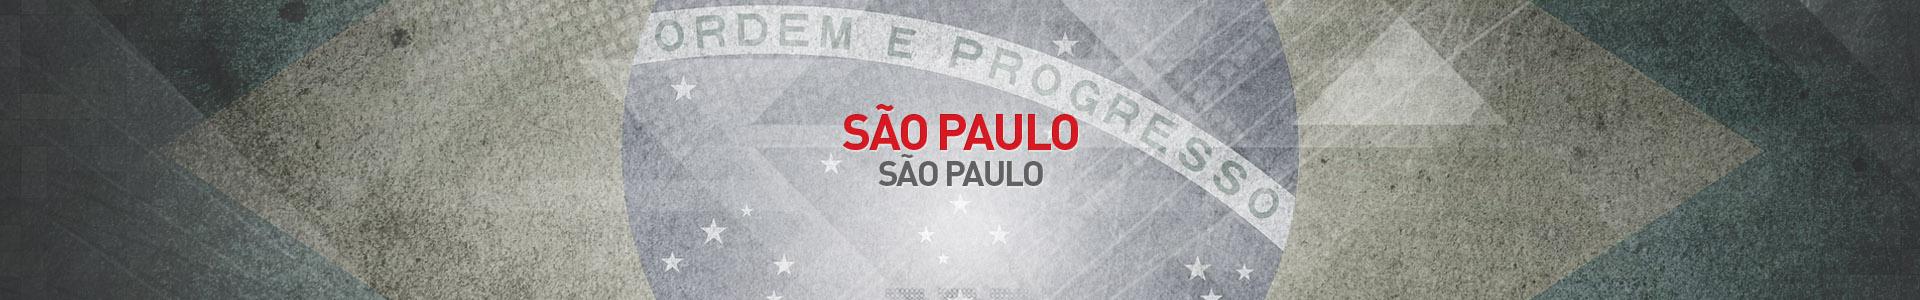 Topo-Cidades-Sao-Paulo-SBA